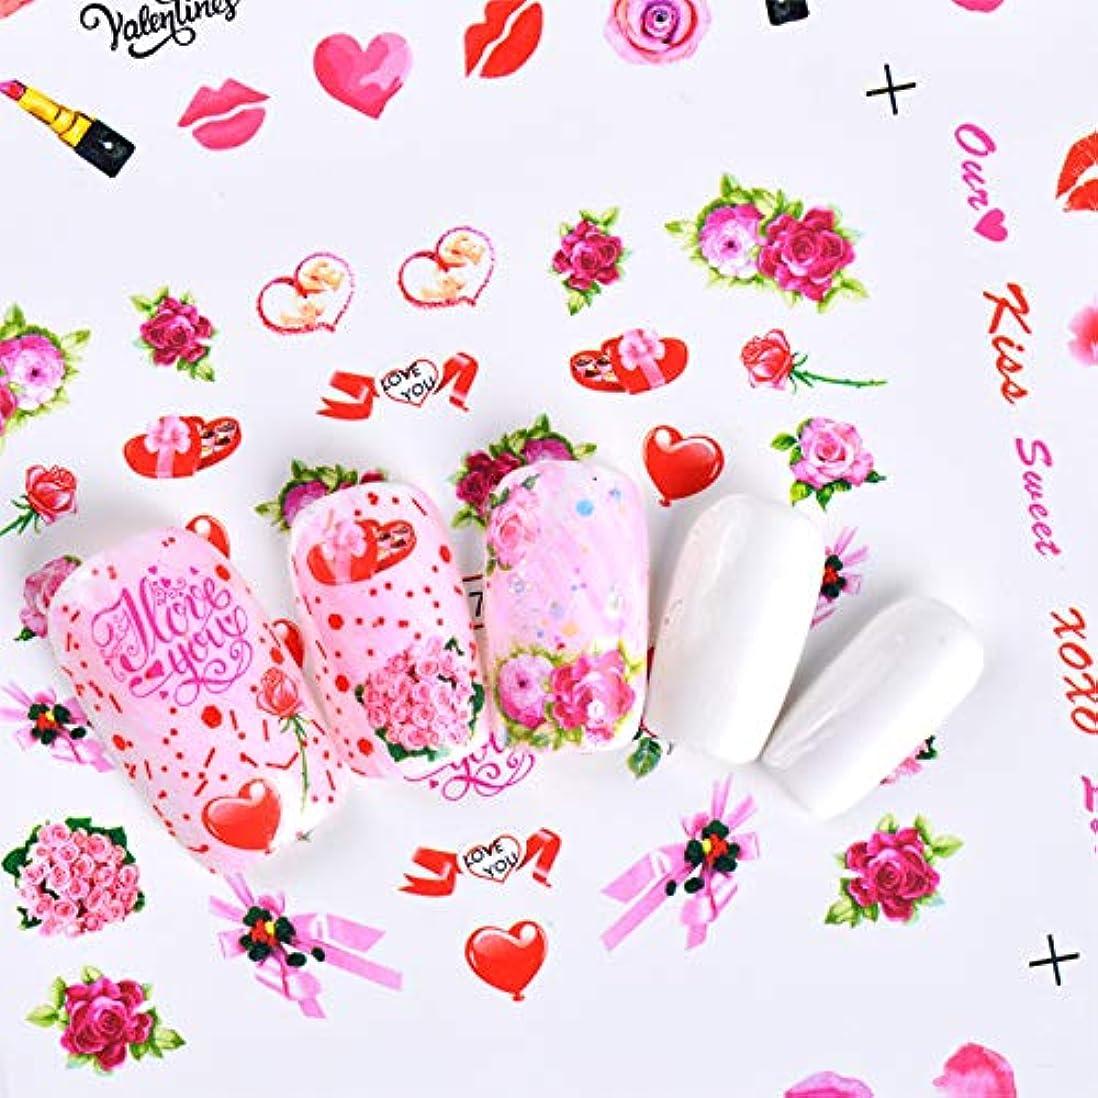 カテナ移行征服者SUKTI&XIAO ネイルステッカー 12デザインロマンチックなローズハートネイルアート水花フローラ美容転送ステッカーデカールラップマニキュア装飾ツール